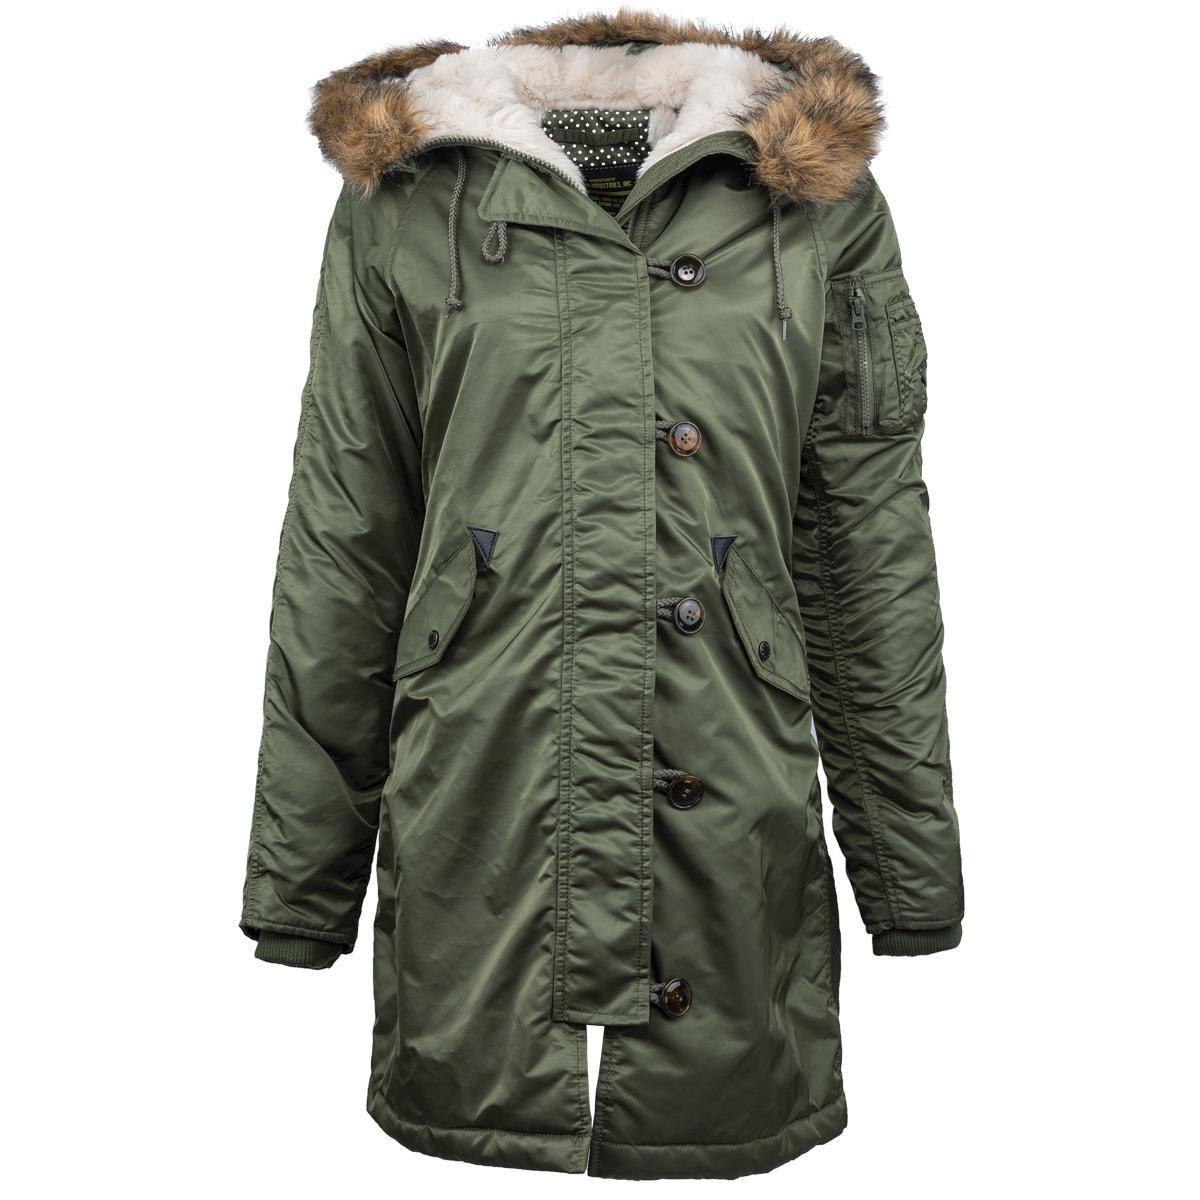 Куртка Аляска Женская - Elyse Parka 2015 (зеленая - s.green)